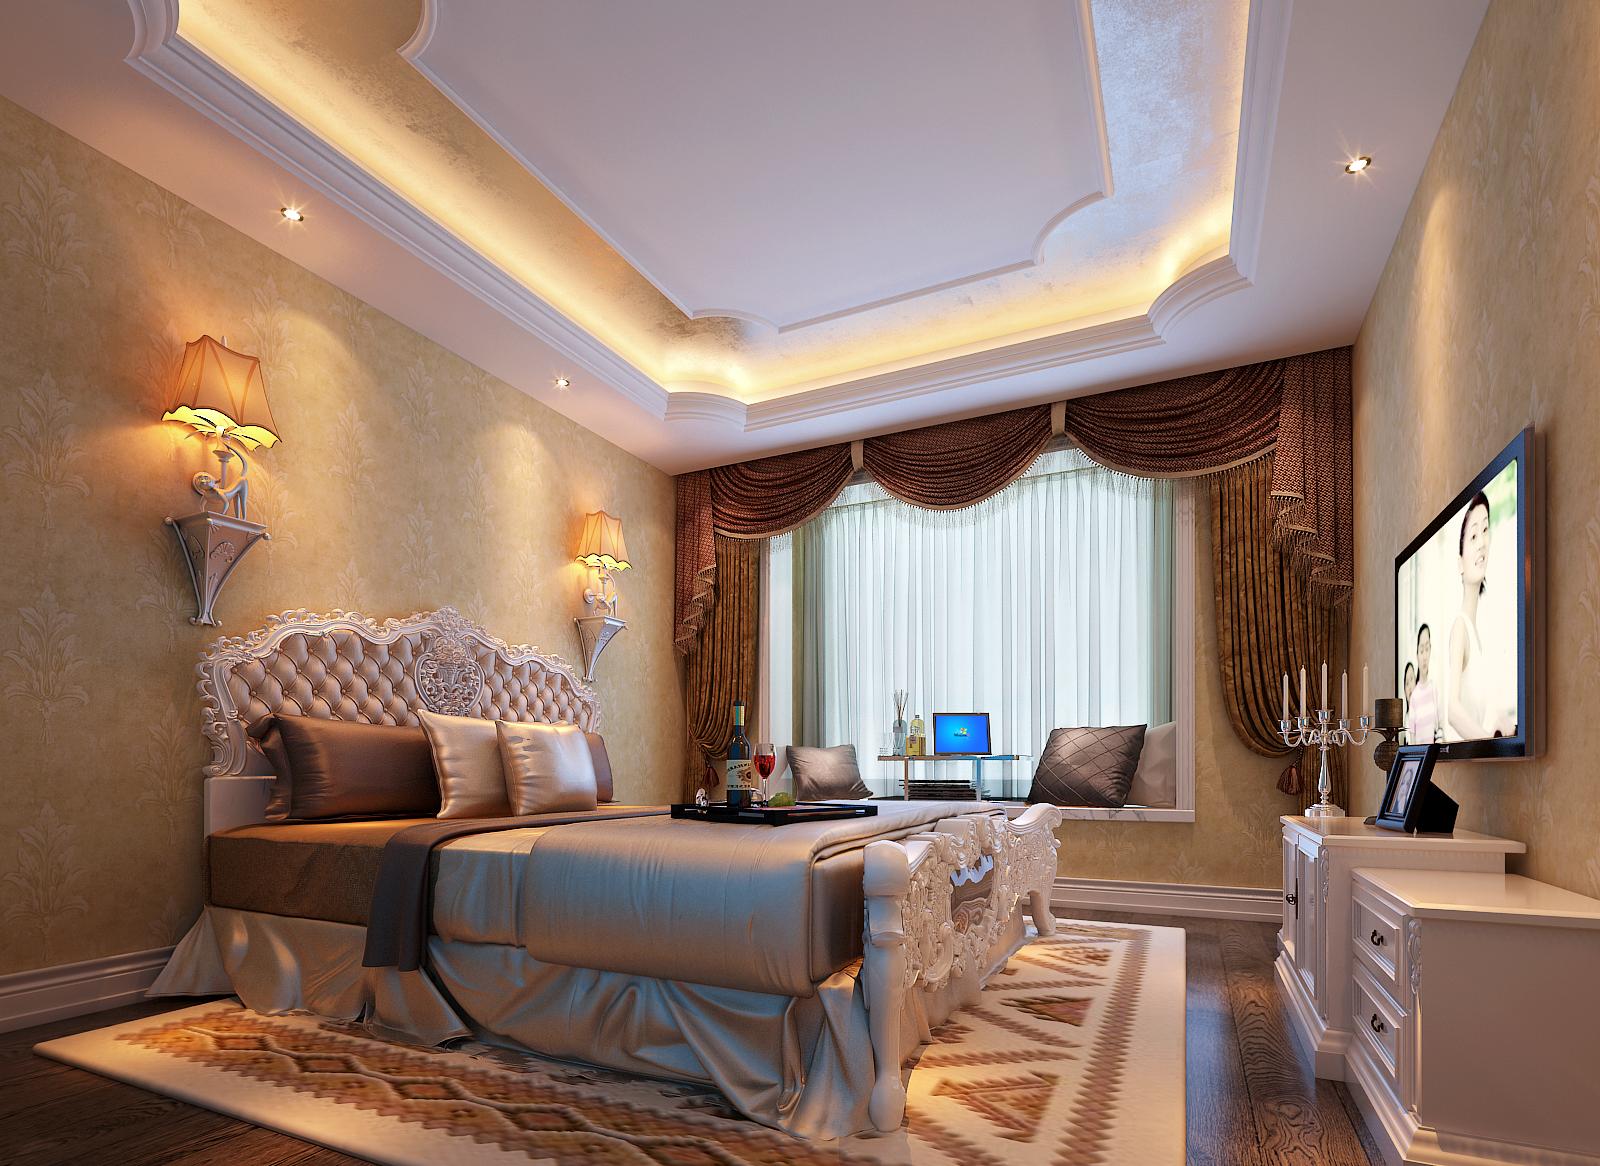 三居 实创装饰 整体家装 定制家具 卧室图片来自合肥实创装饰李东风在90平的法式3居的分享